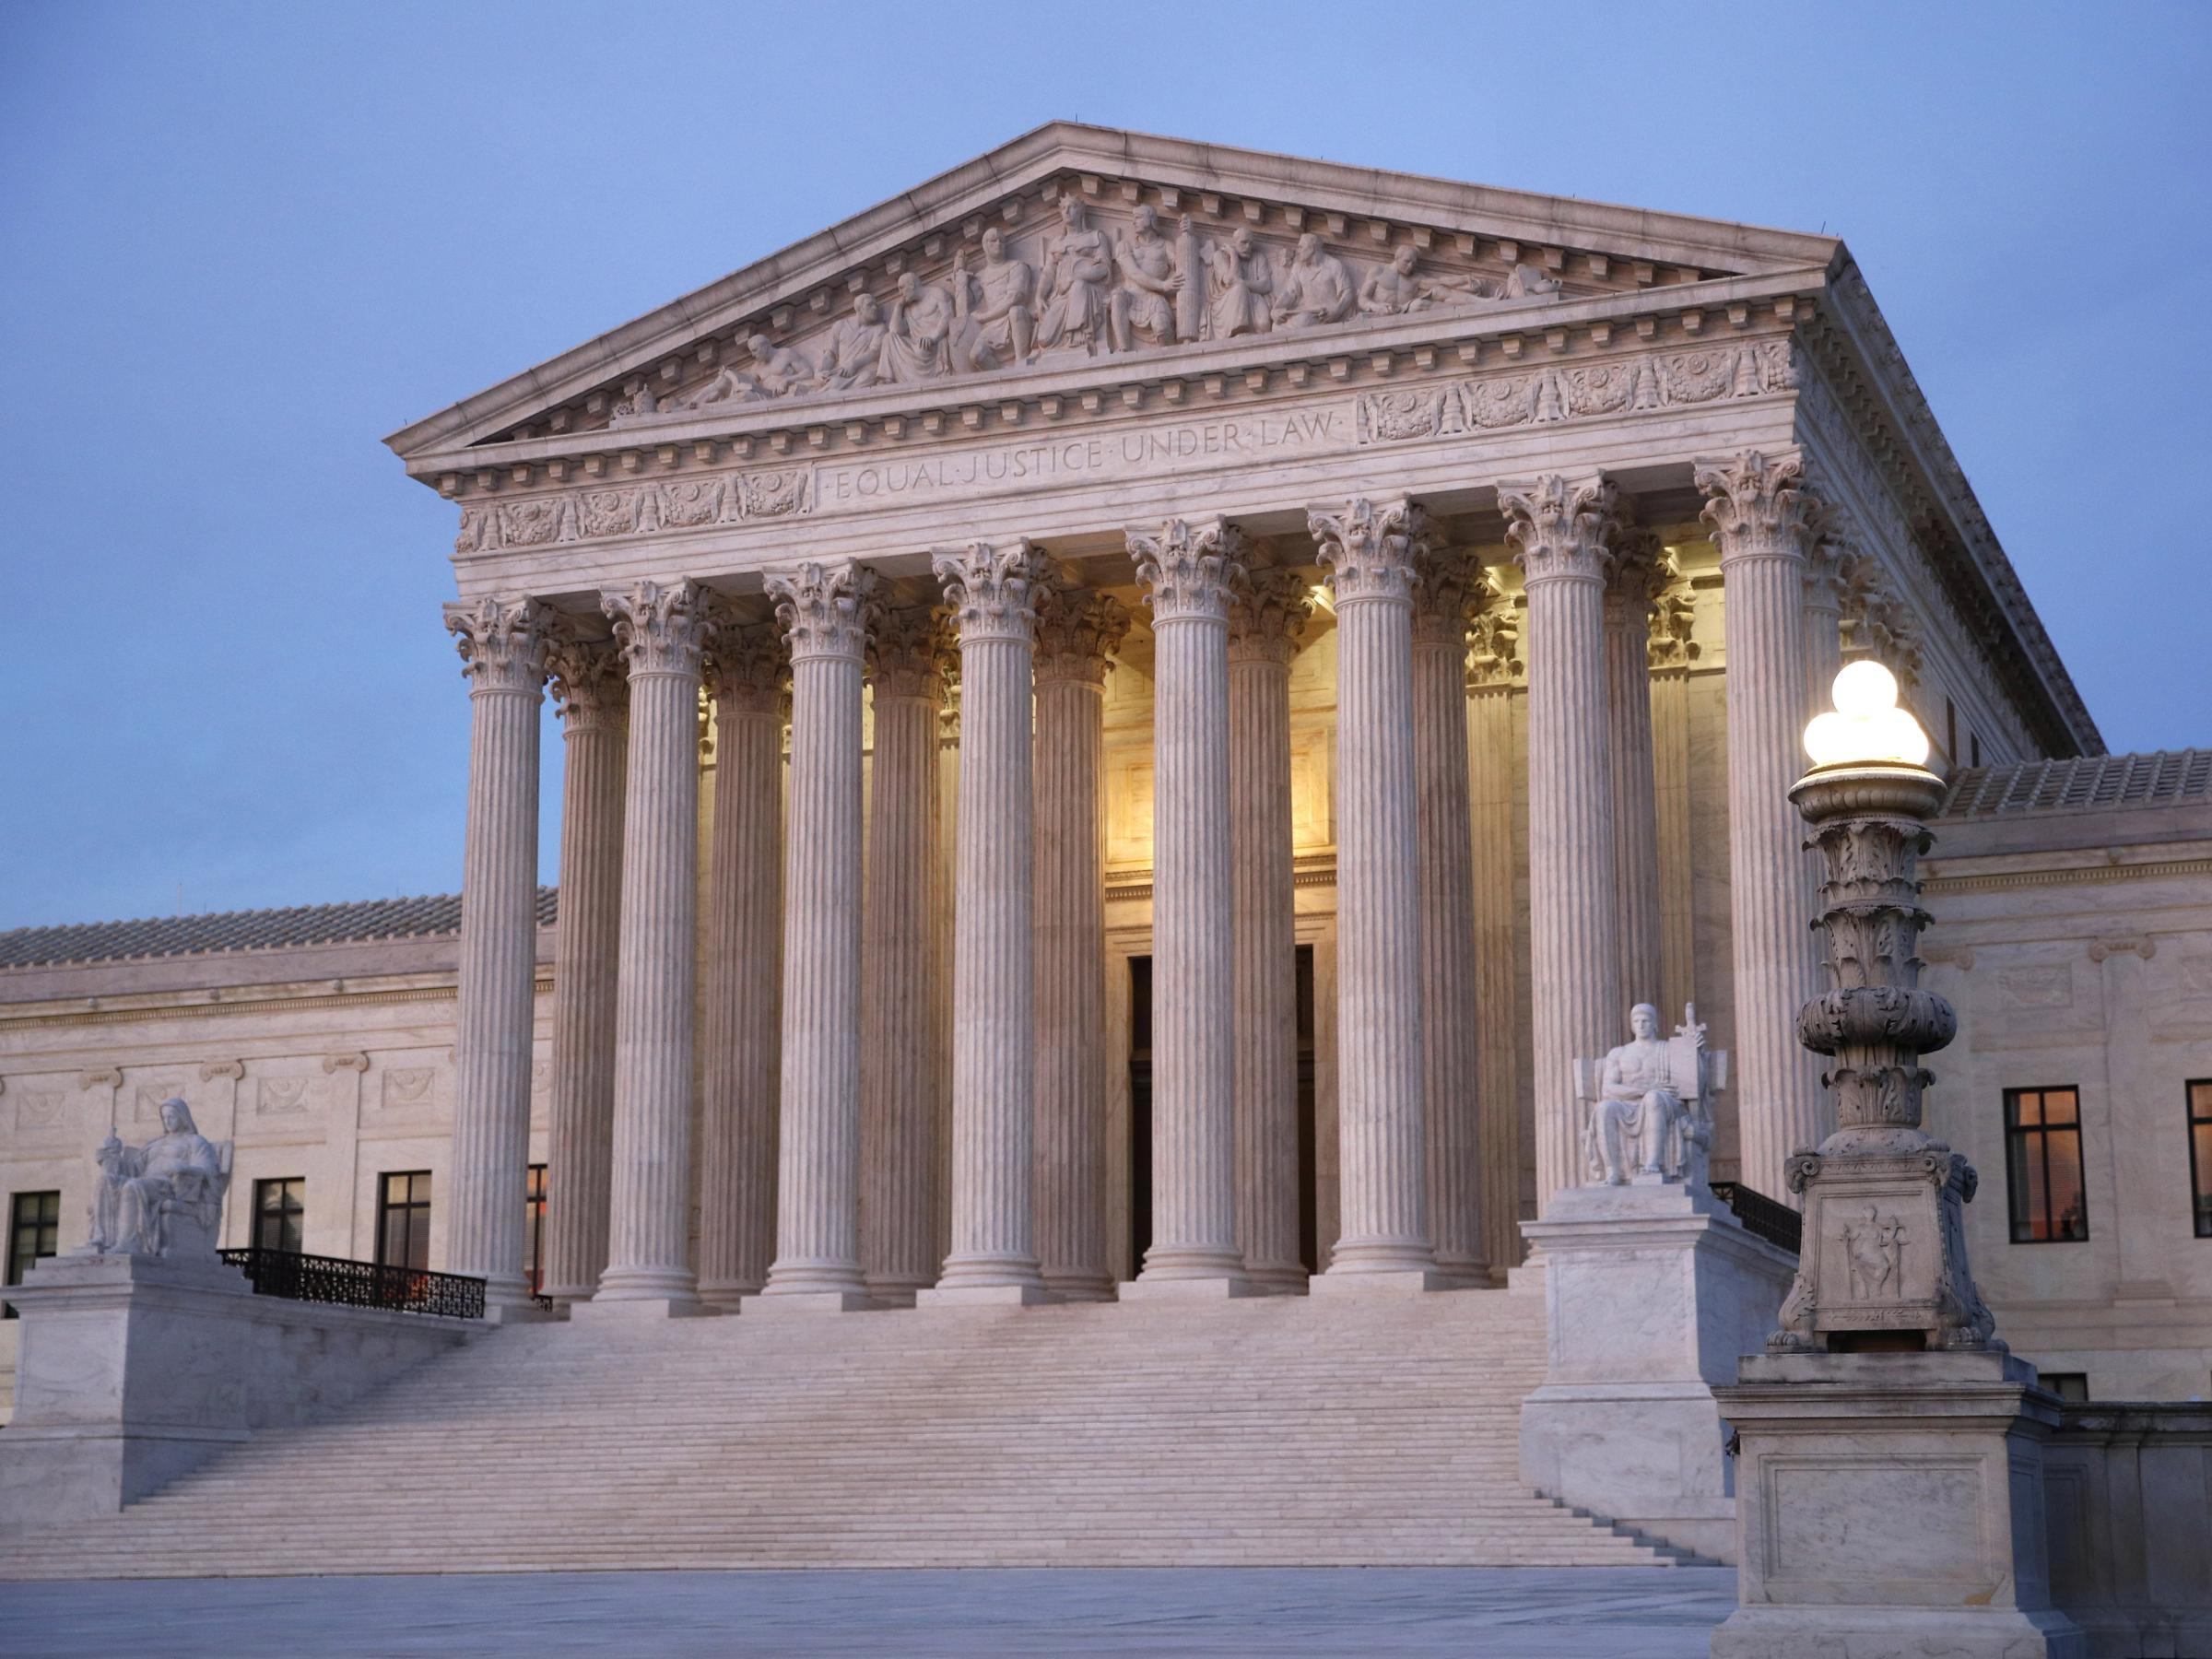 Siège de la Cour suprême des Etats-Unis à Washington